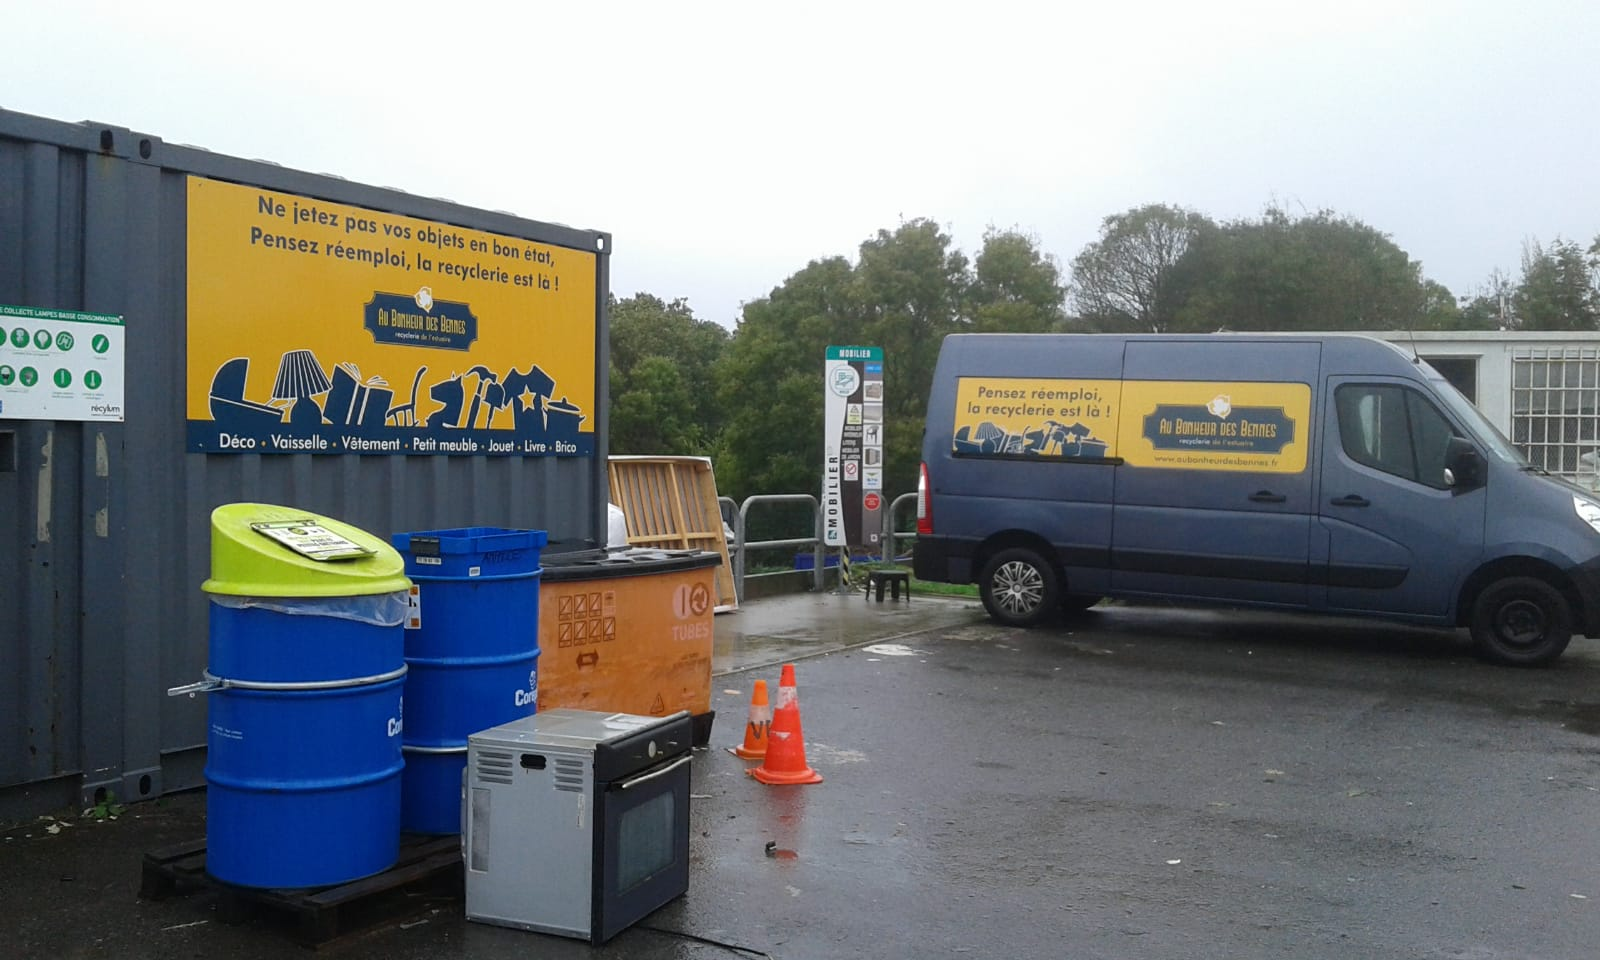 Déchèterie pornichet cuneix collecte caisson reemploi au bonheur des bennes 44 saint-nazaire